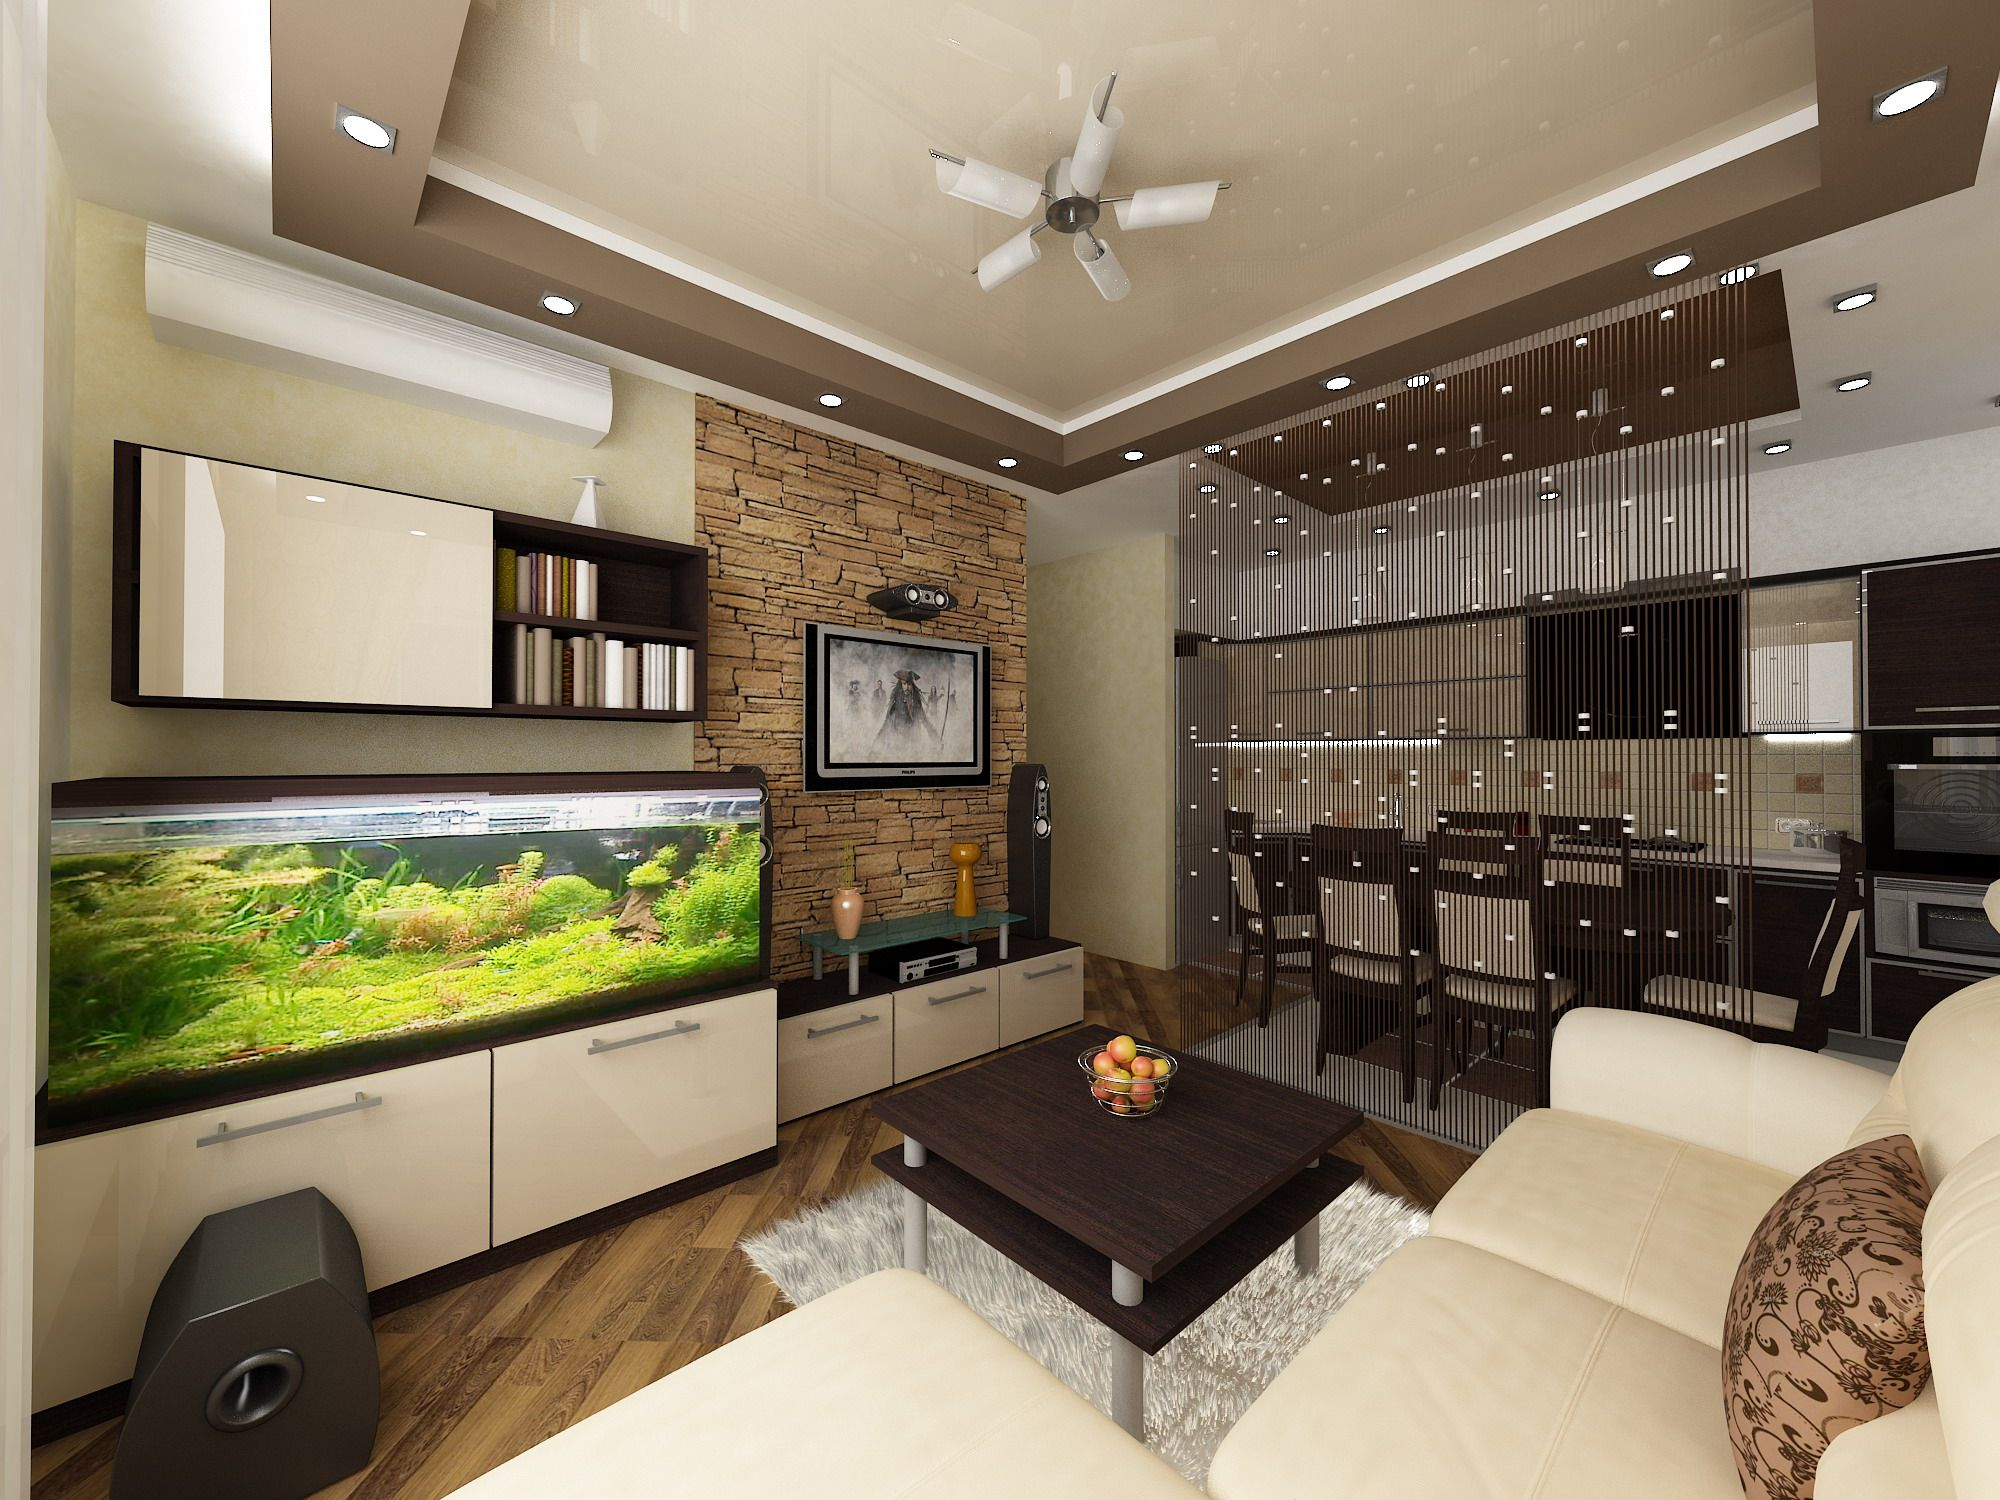 Кухня-гостиная 16 м кв (47 фото): видео-инструкция по ...